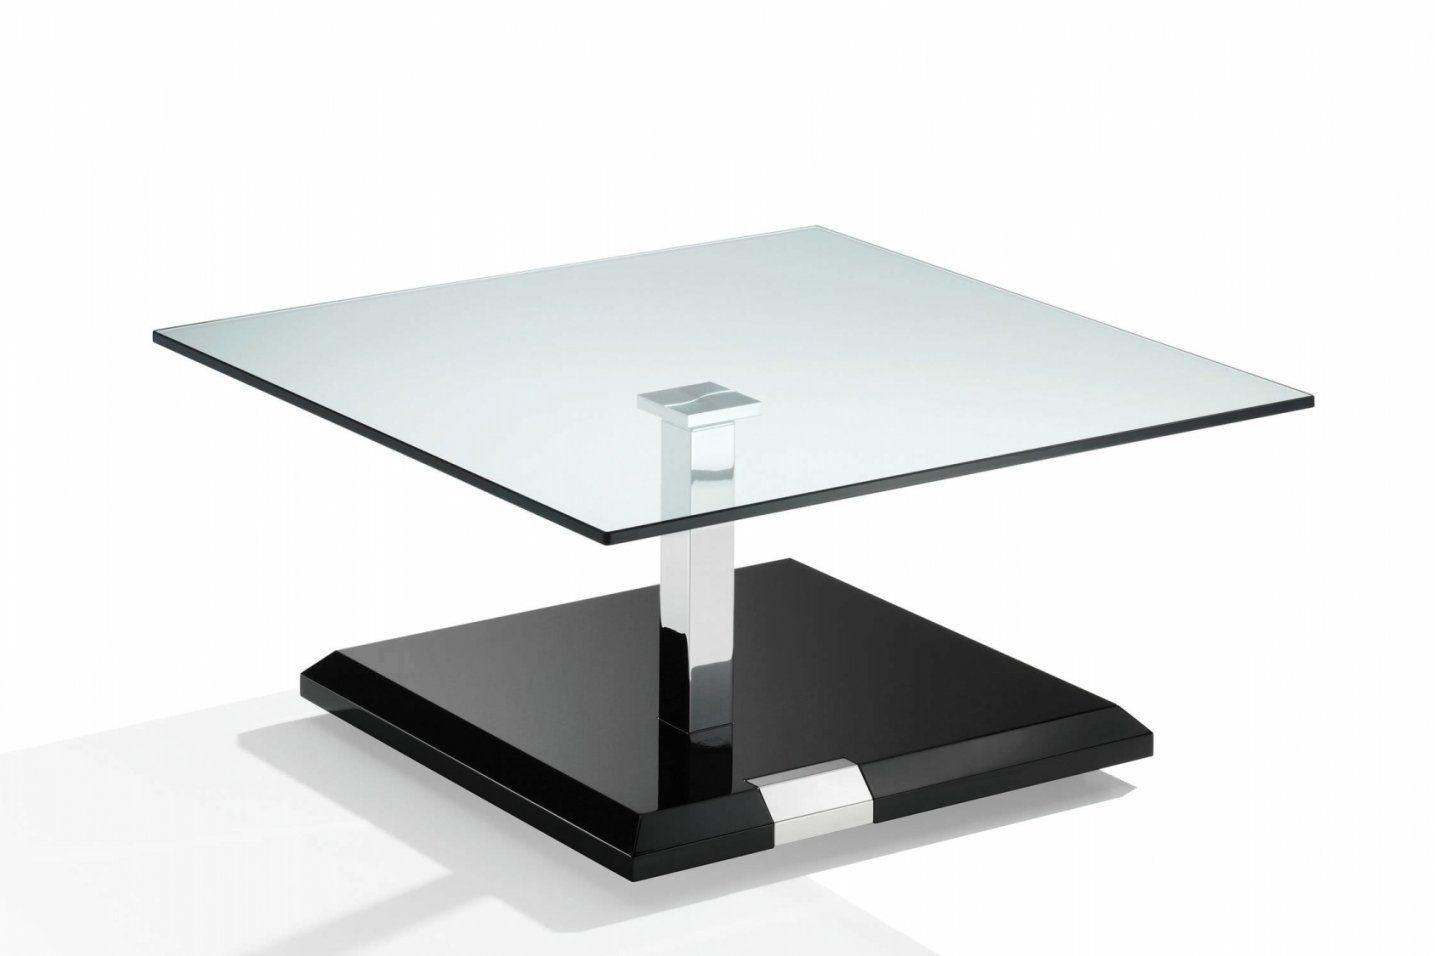 Couchtisch Glas 70X70 Mit Keramikplatte Für Kleines Wohnzimmer von Couchtisch Glas 70X70 Photo